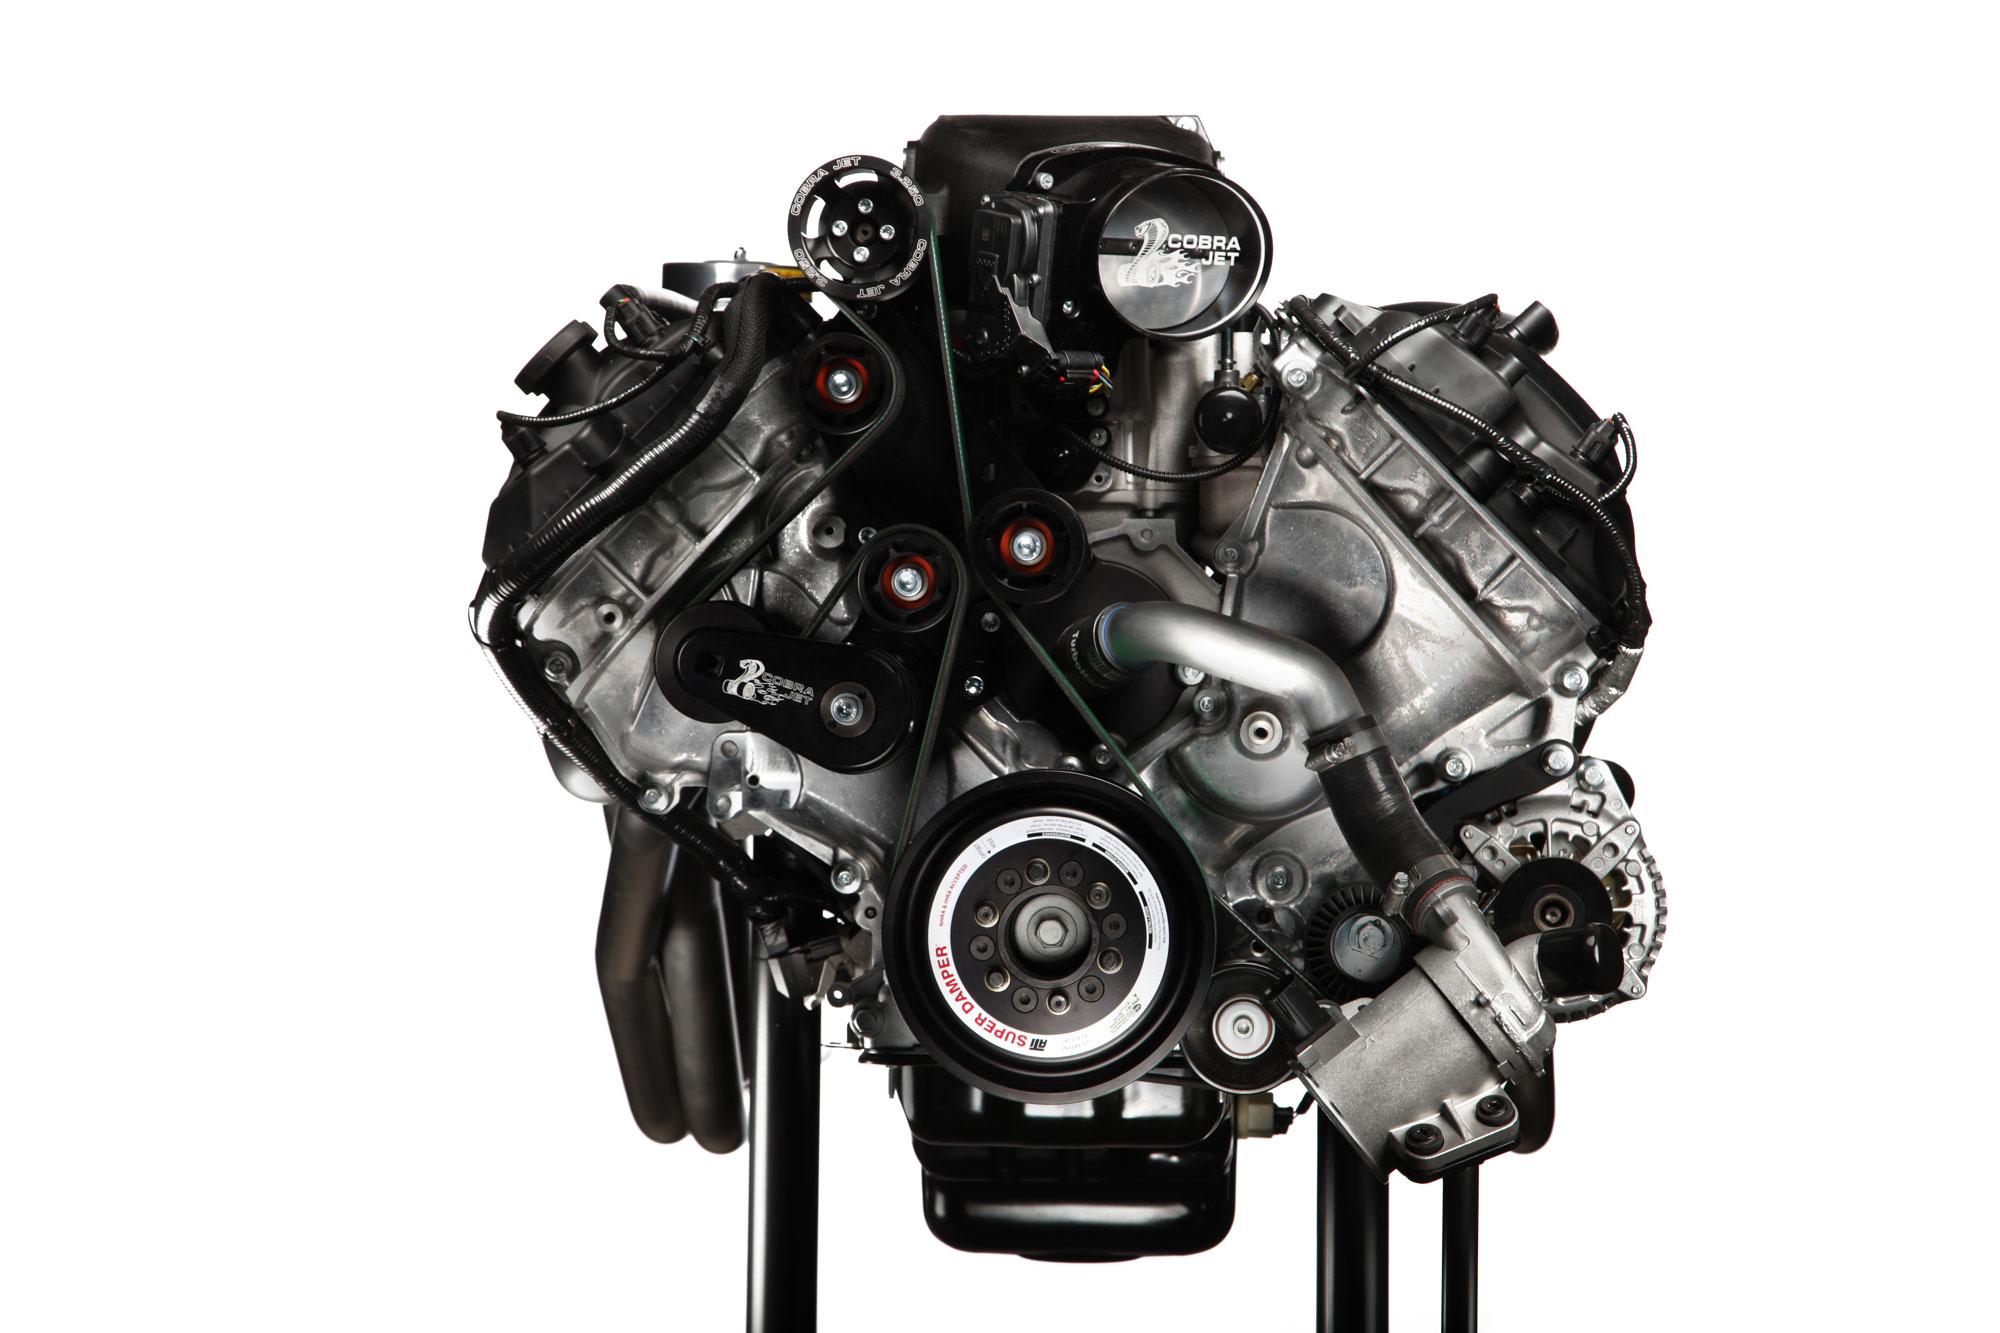 Ford Cobra Jet engine front